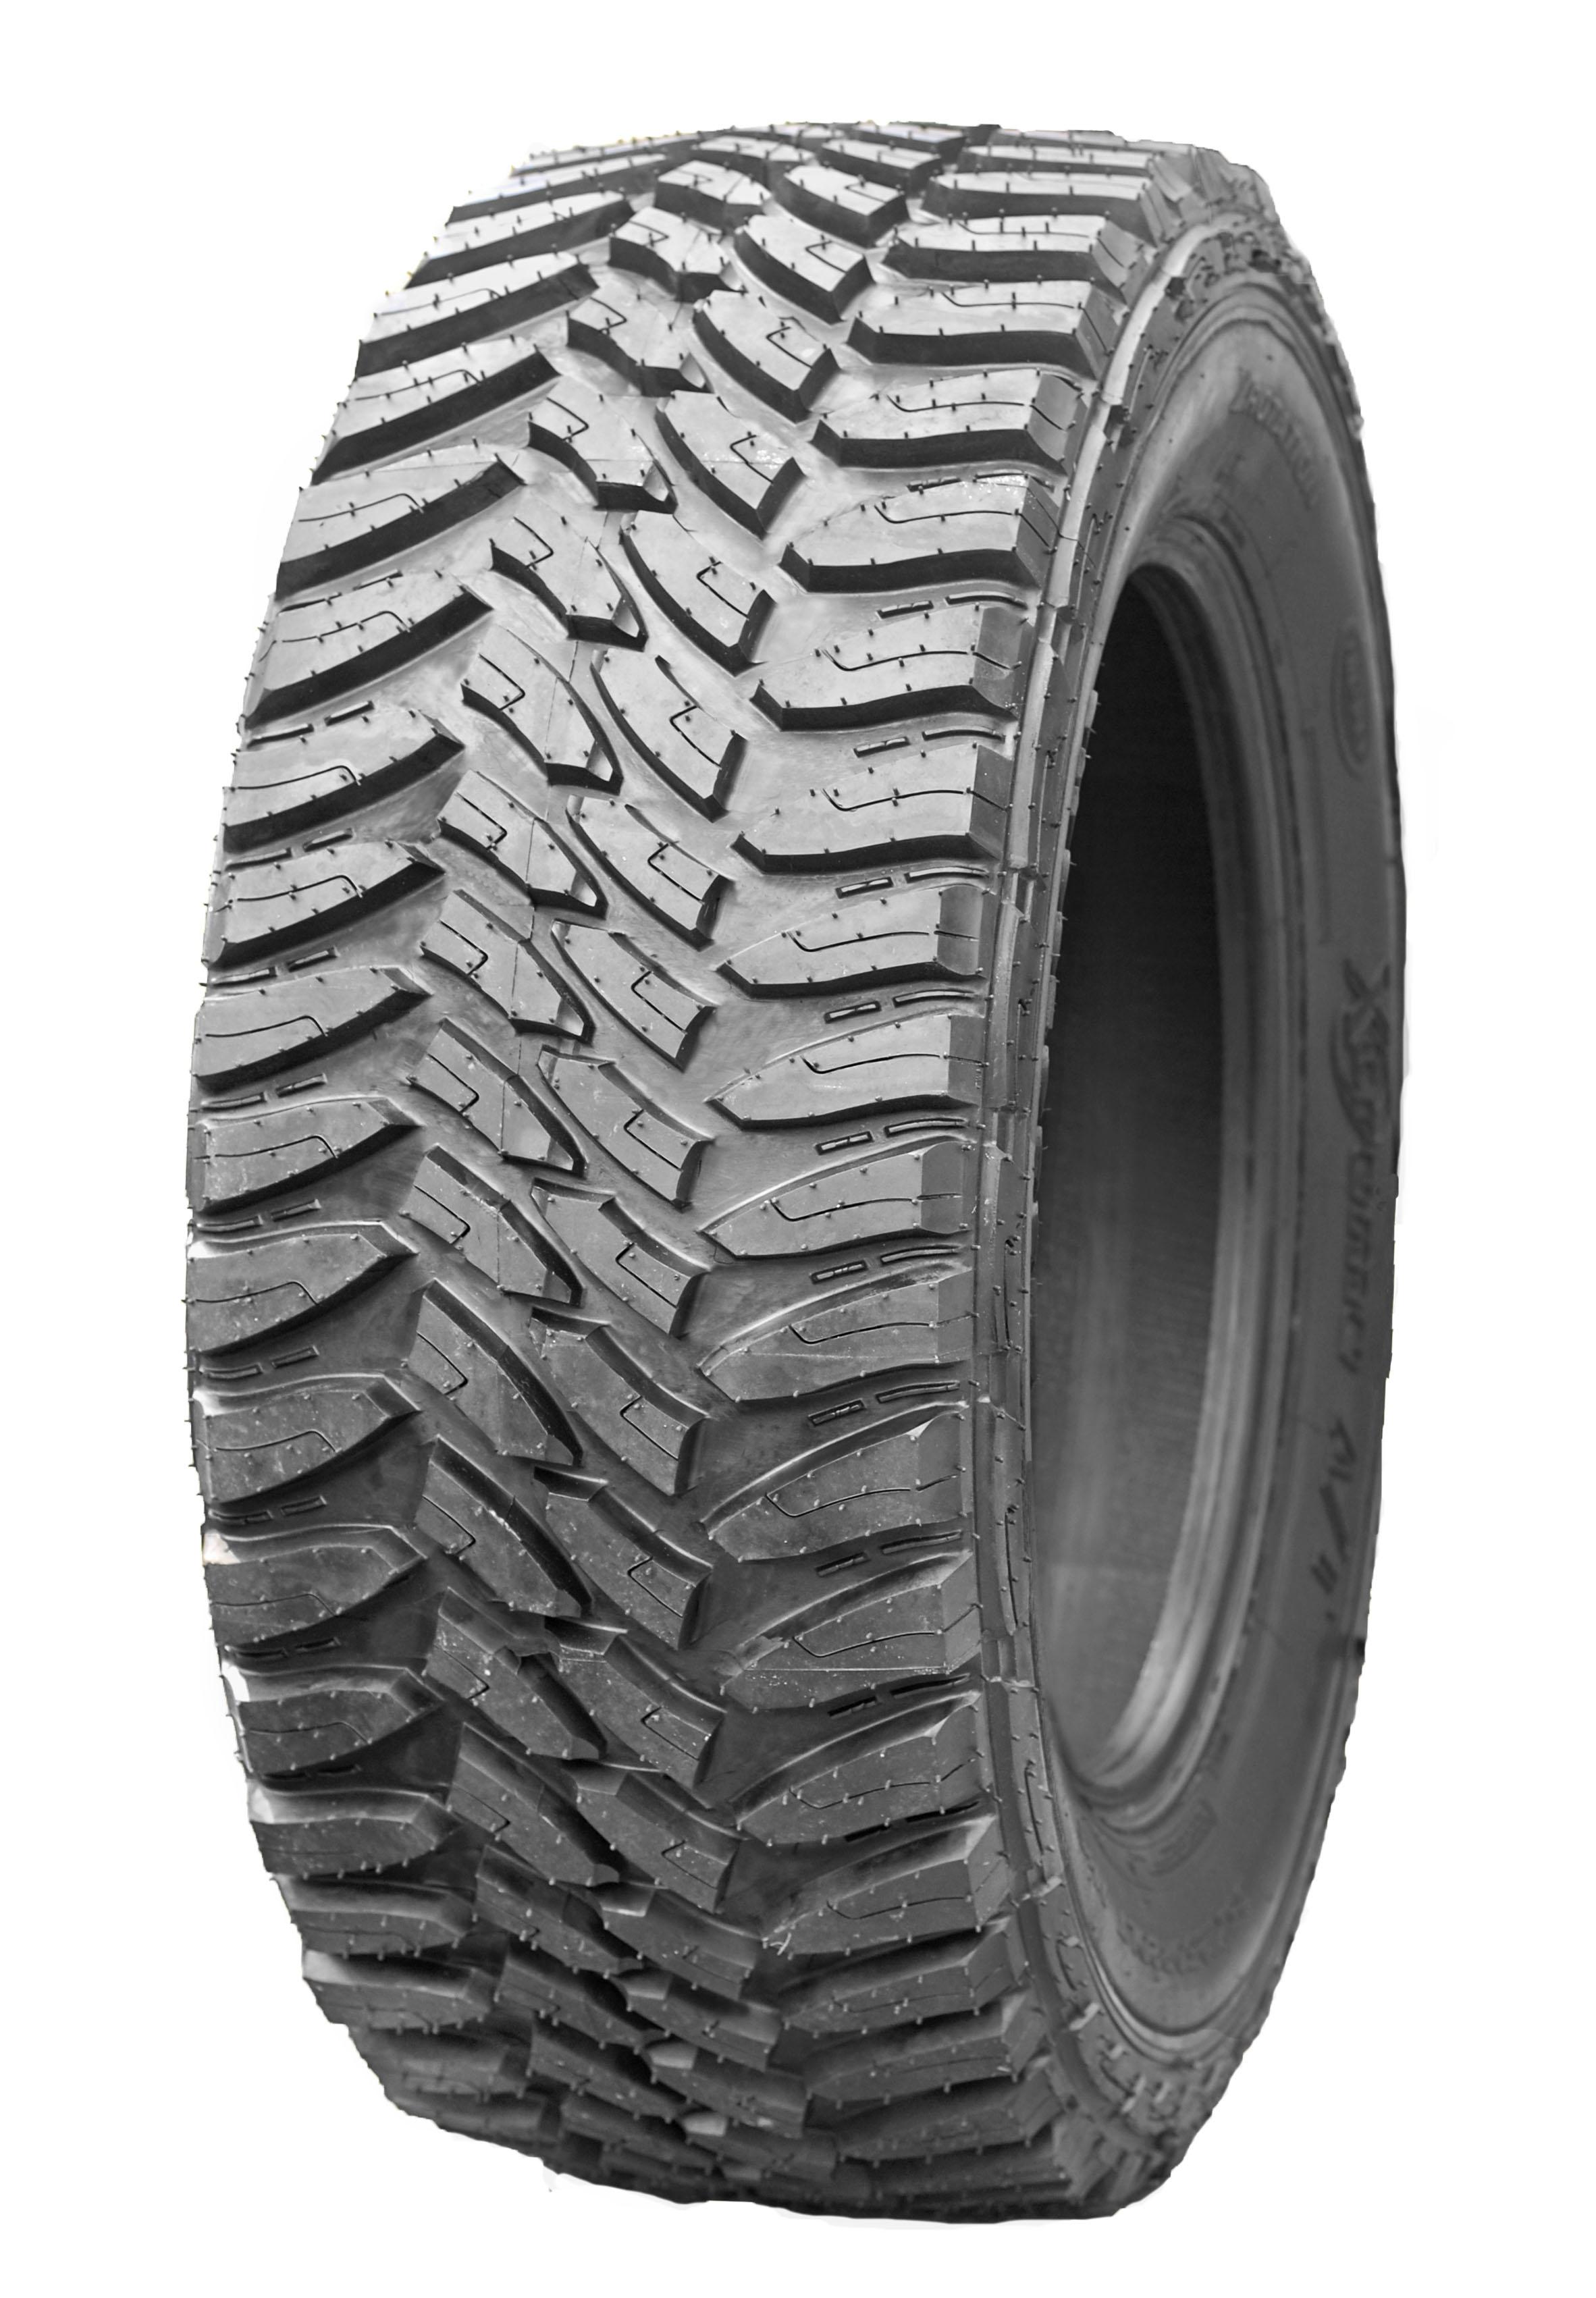 Tire Size LT35 12 50R20 Retread MT